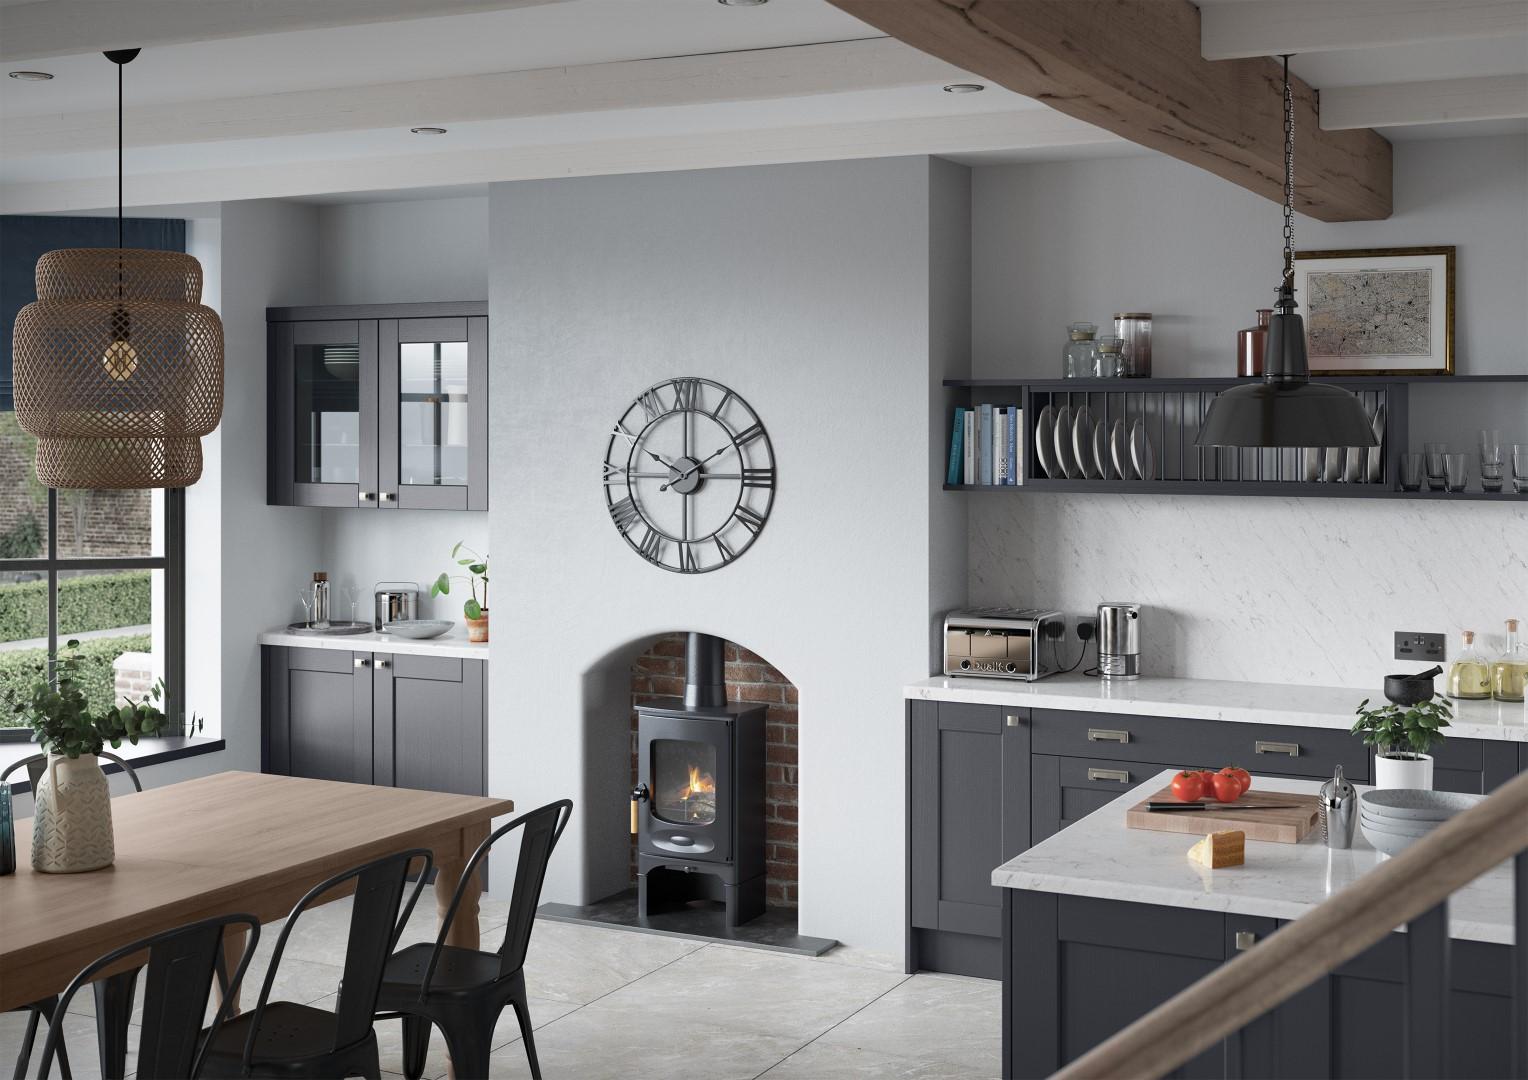 Kensington Indigo - Kitchen Design - Alan Kelly Kitchens - Waterford - 2